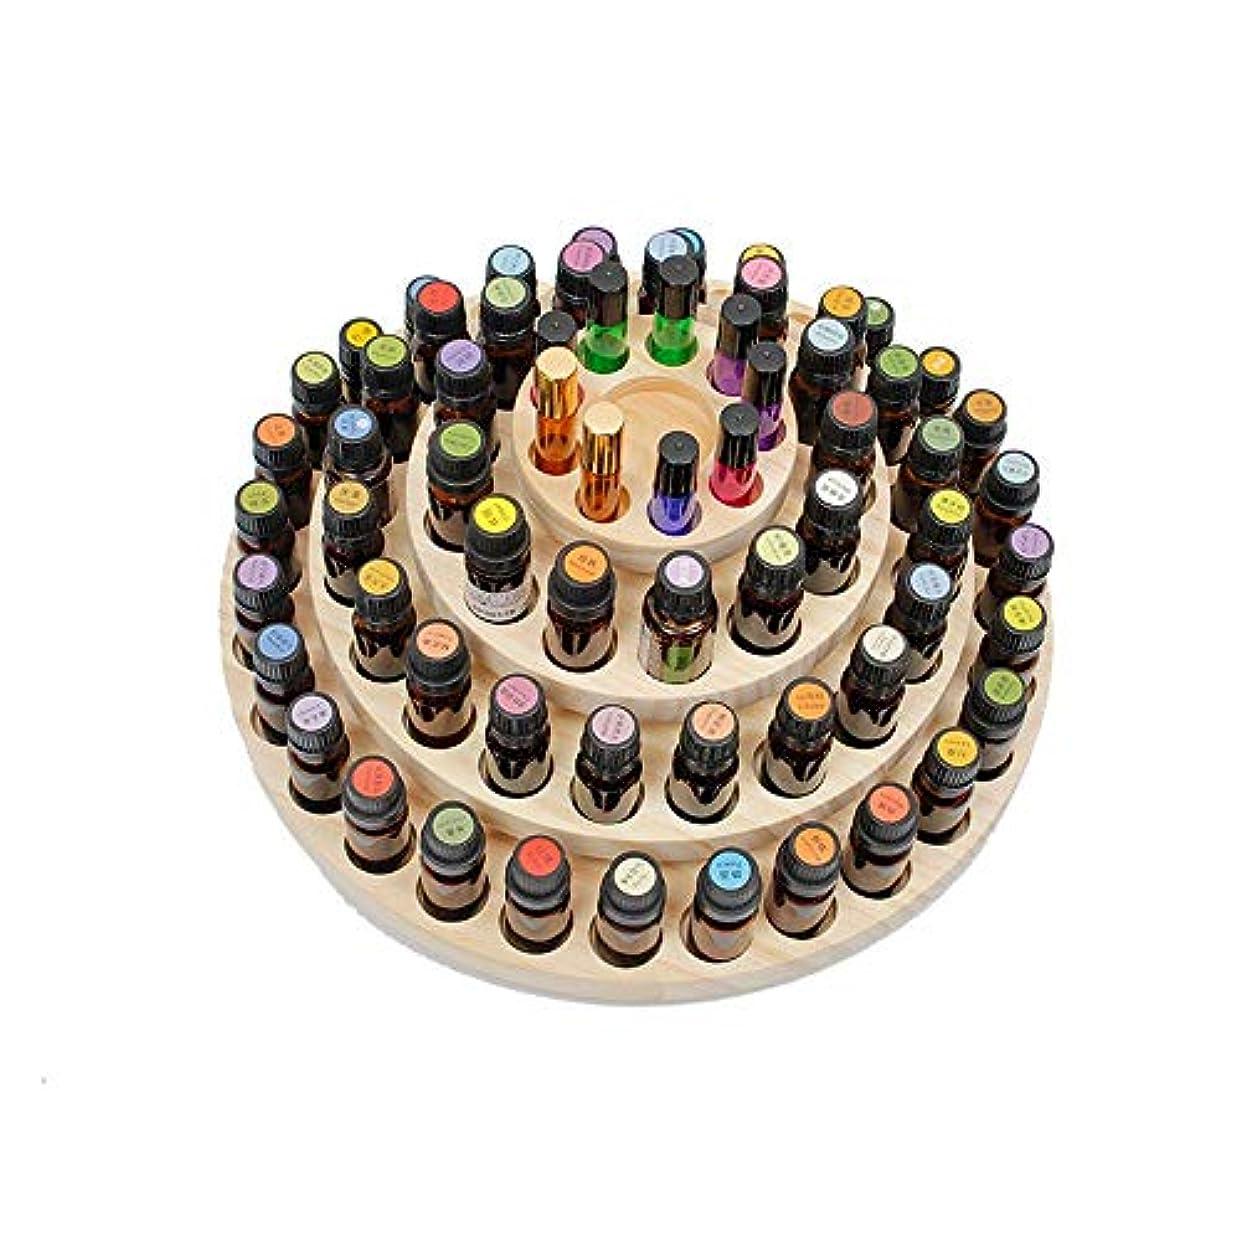 ロケーションチョコレート縫うエッセンシャルオイルストレージボックス 61スロット木製エッセンシャルオイルの収納ボックスは、61油ボトルの油ケースホルダーを保持します 旅行およびプレゼンテーション用 (色 : Natural, サイズ : 36.5X16.8CM)